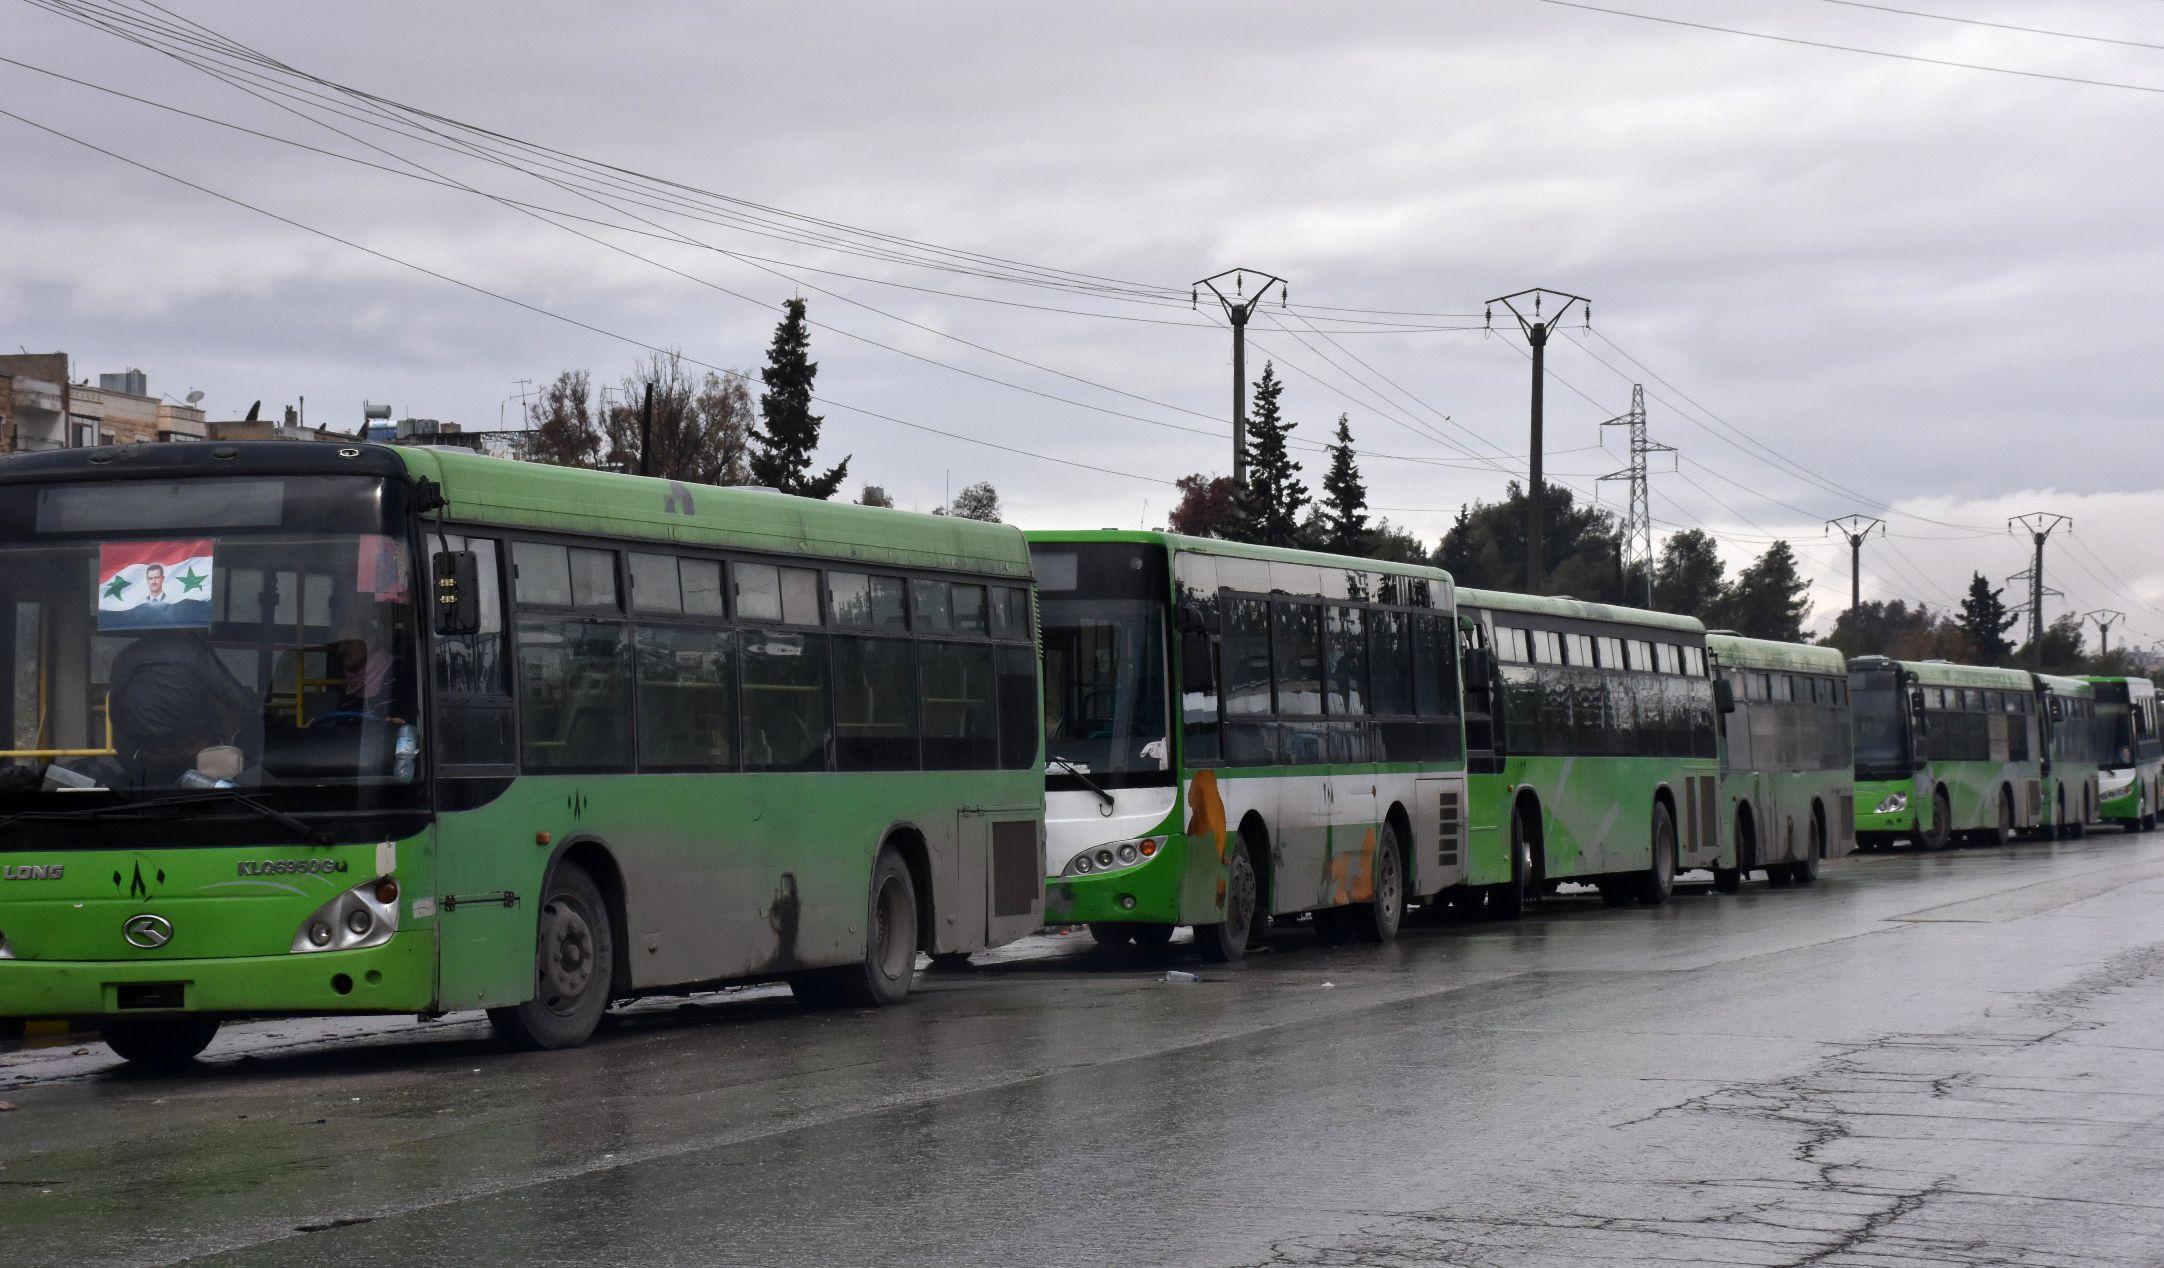 Aleppo buses